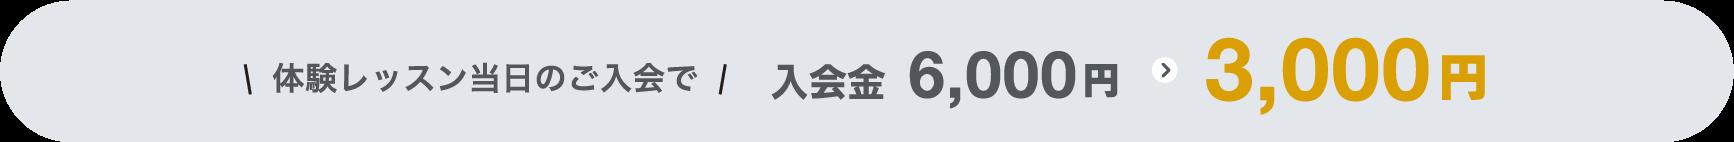 体験レッスン当日のご入会で入会金2,500円